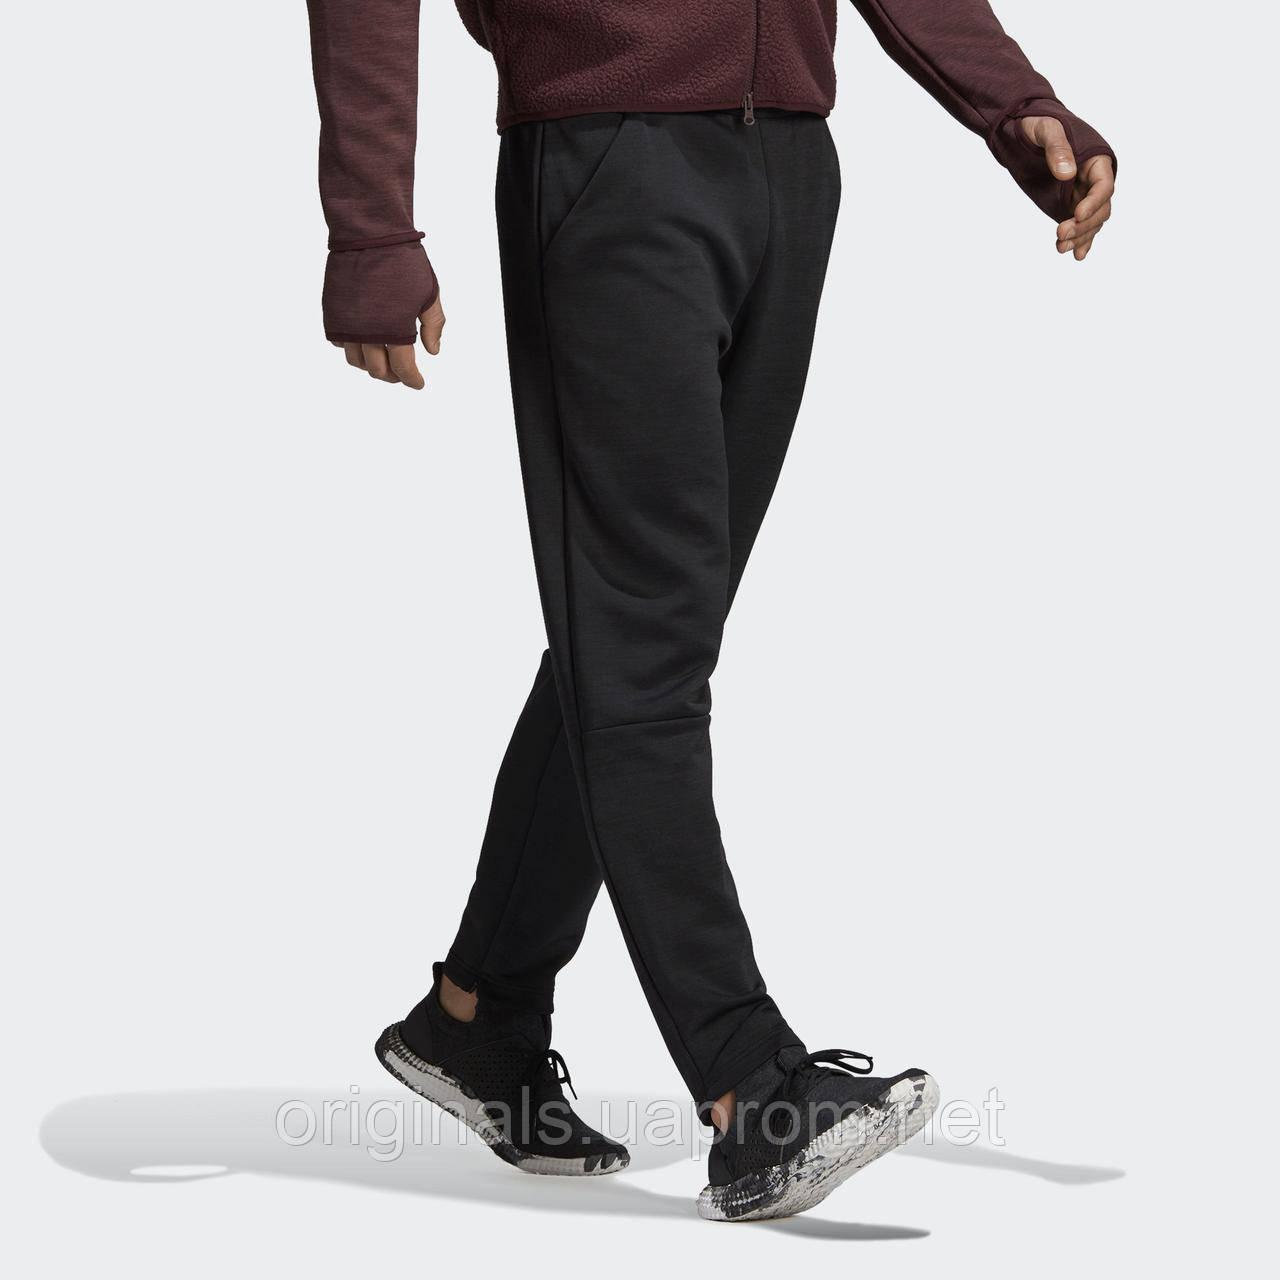 Спортивные штаны Adidas Z.N.E. Tapered D74654